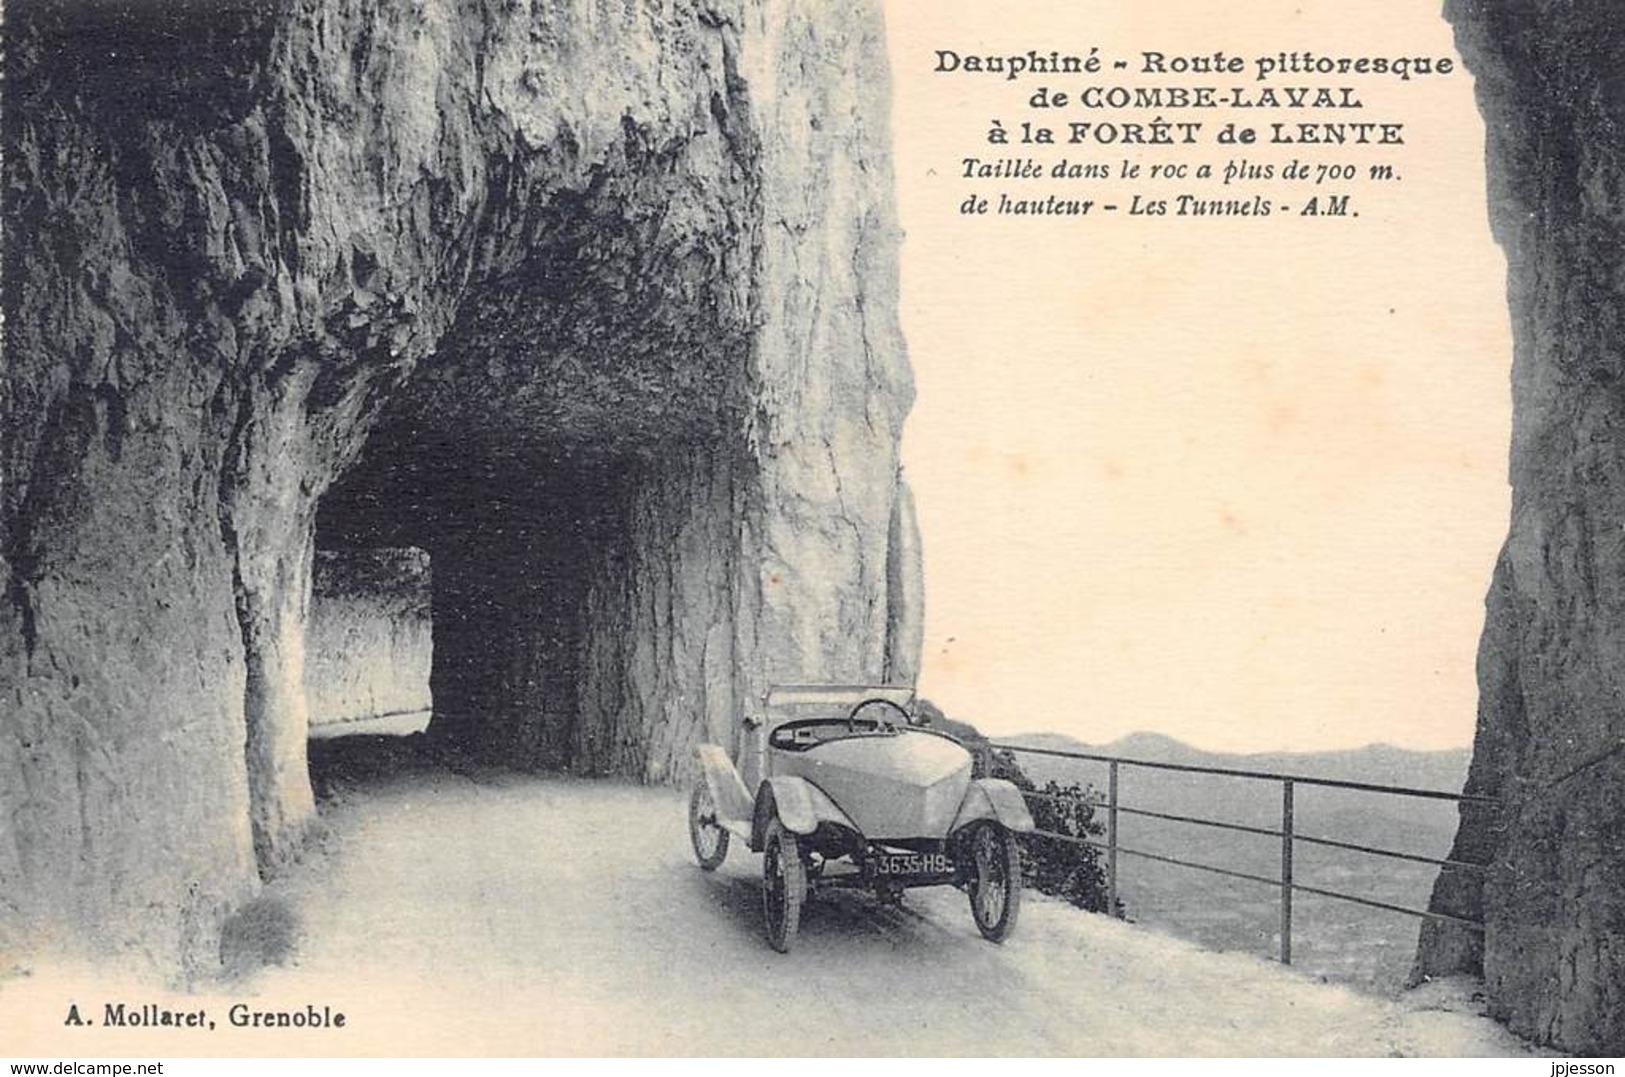 DROME  26  ROUTE DE COMBE LAVAL A LA FORET DE LENTE - AUTOMOBILE - Francia